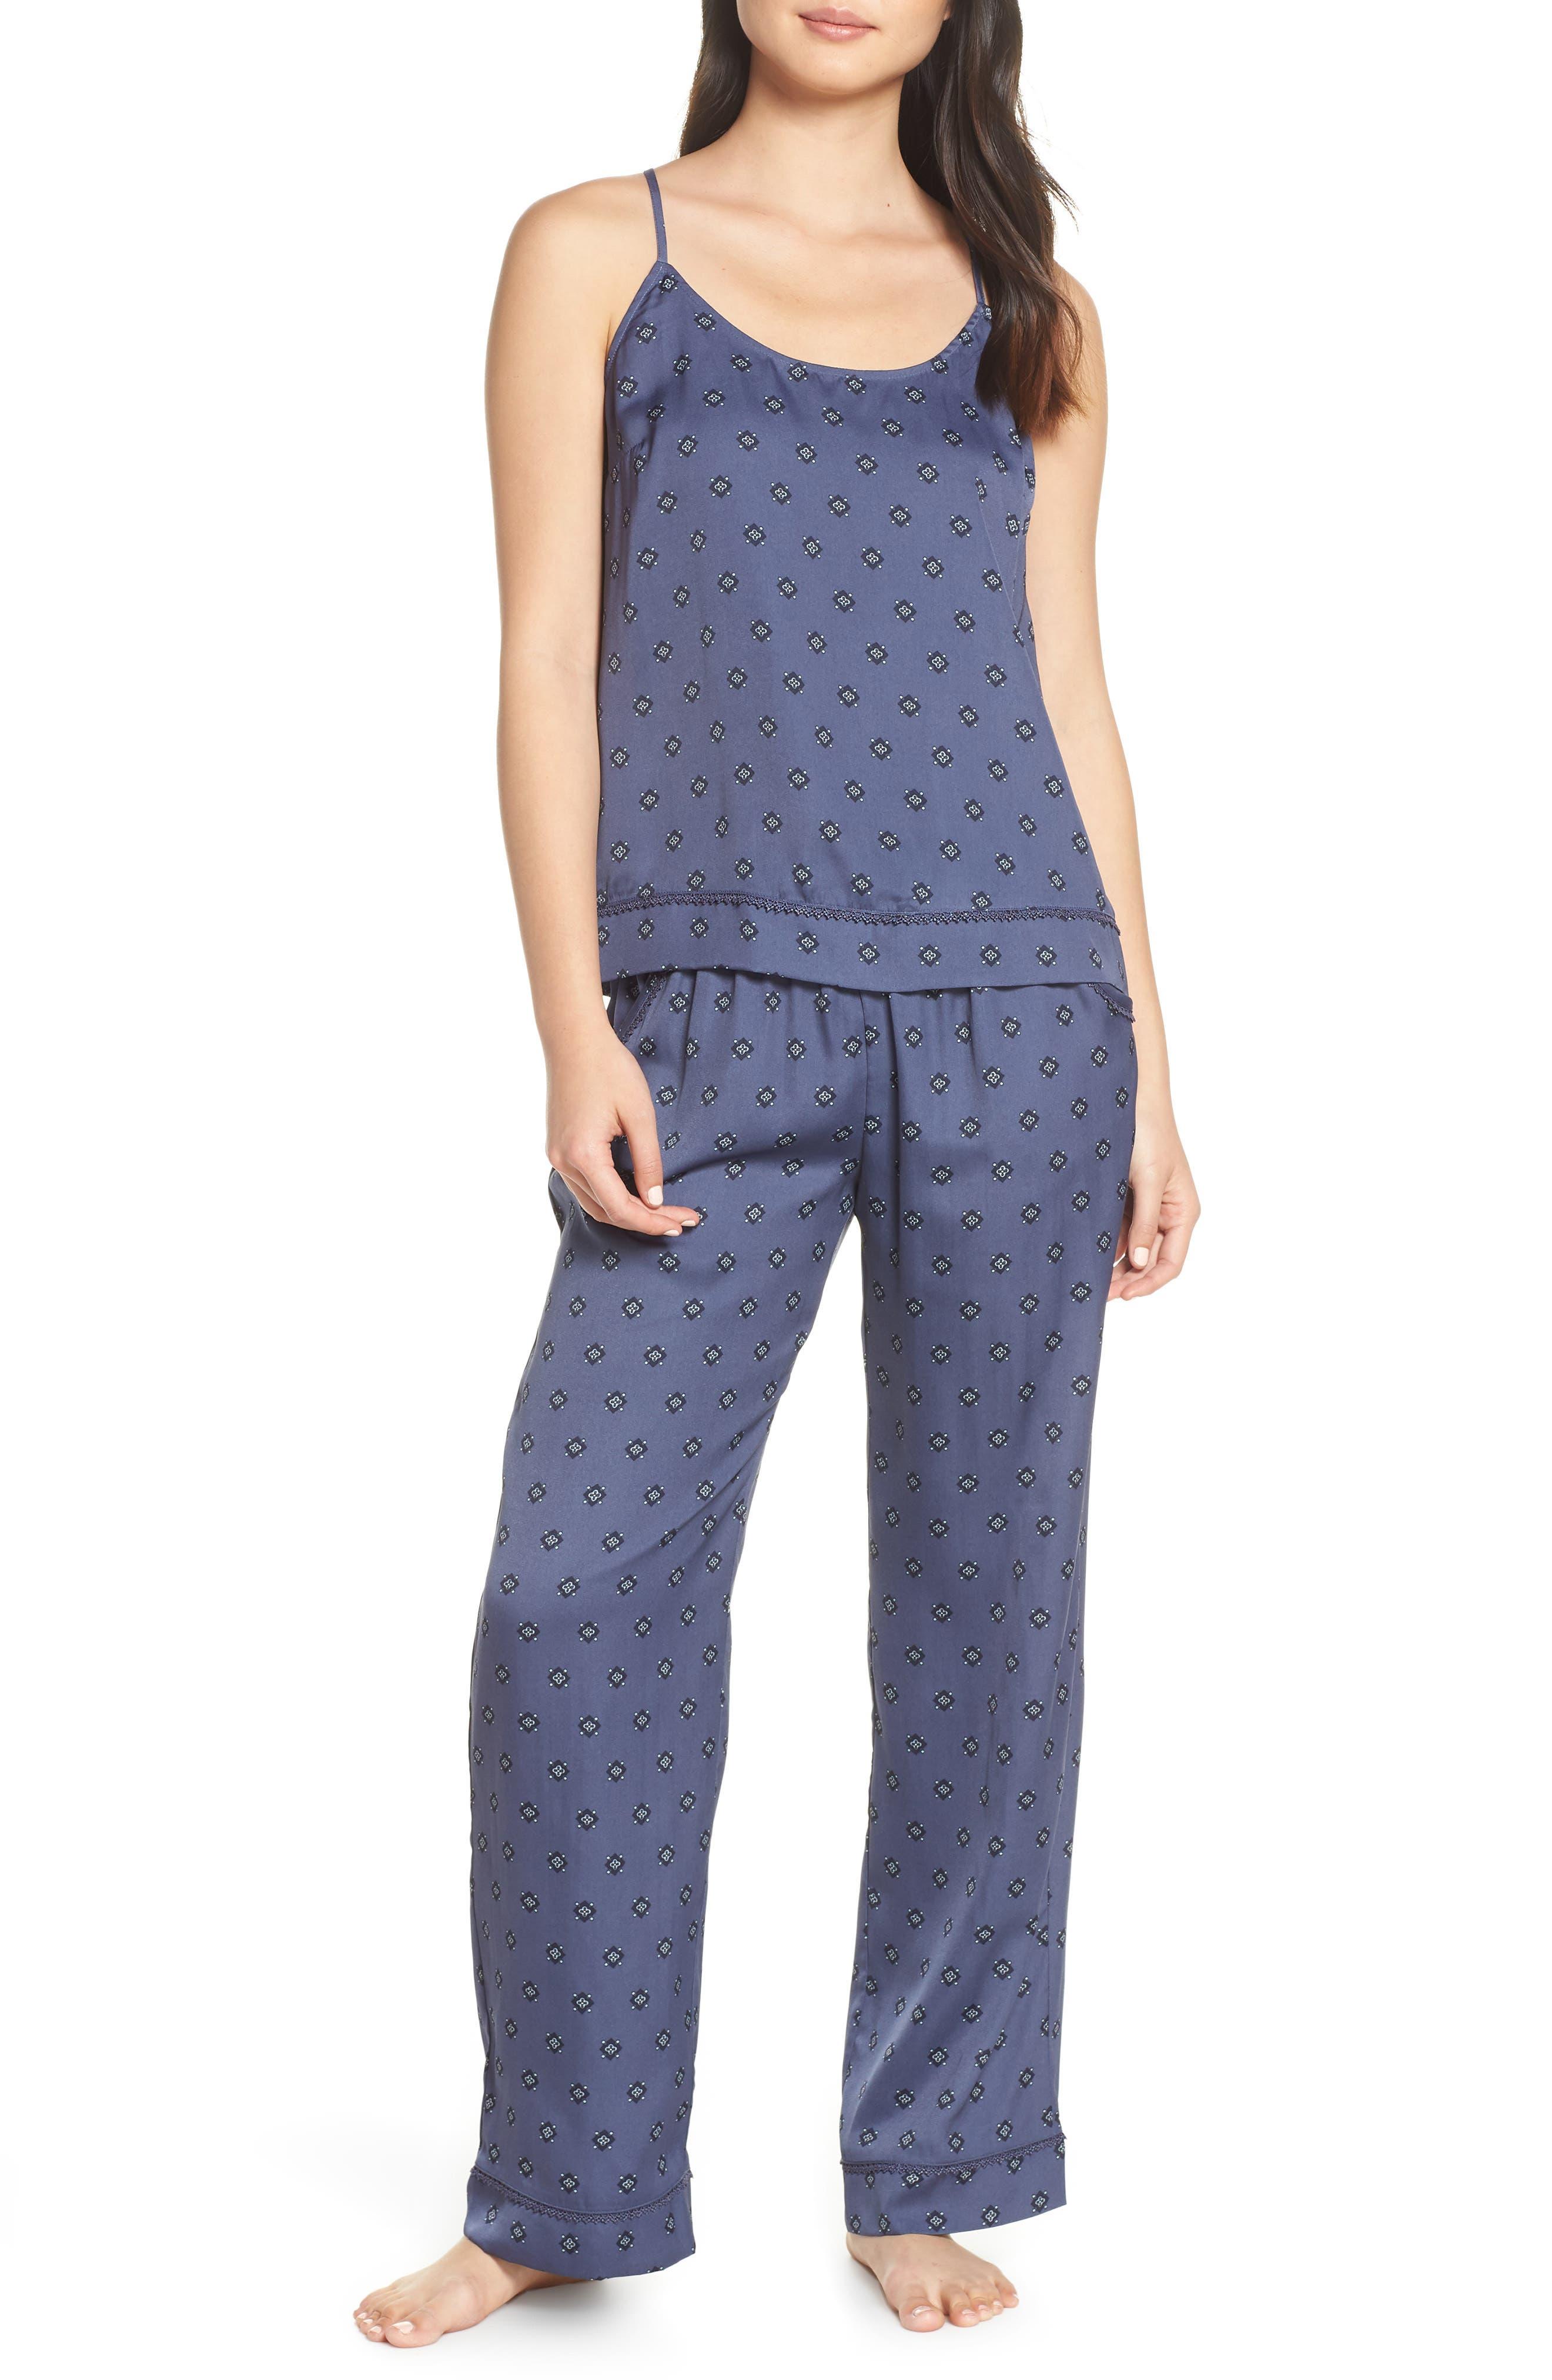 Sweet Dreams Satin Pajamas,                             Main thumbnail 1, color,                             401